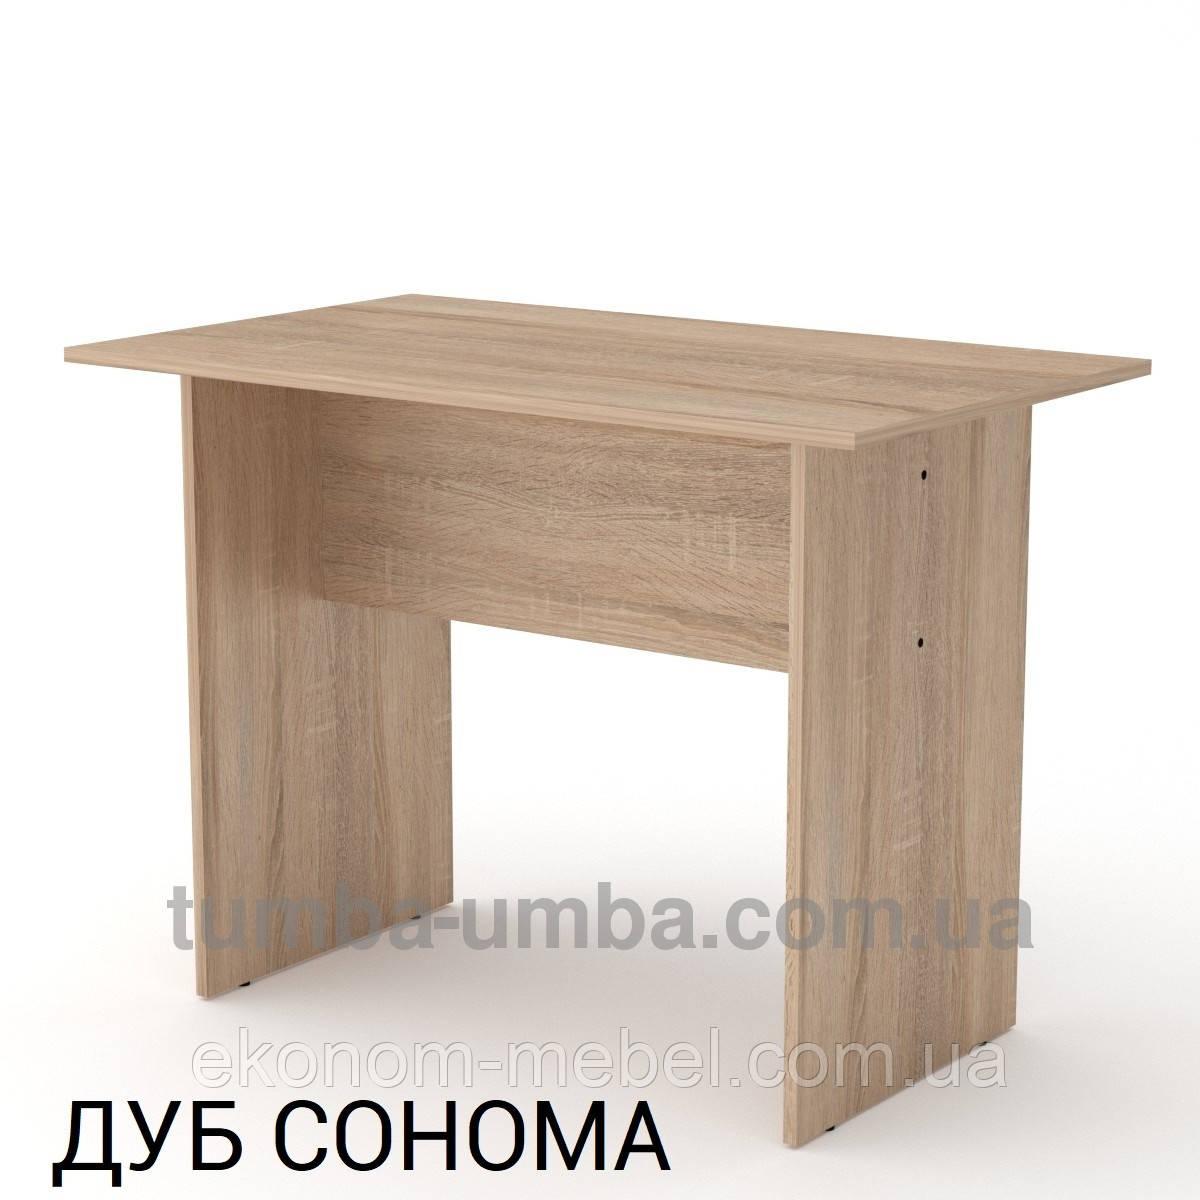 Модульный стол МО-1 для офиса из ДСП